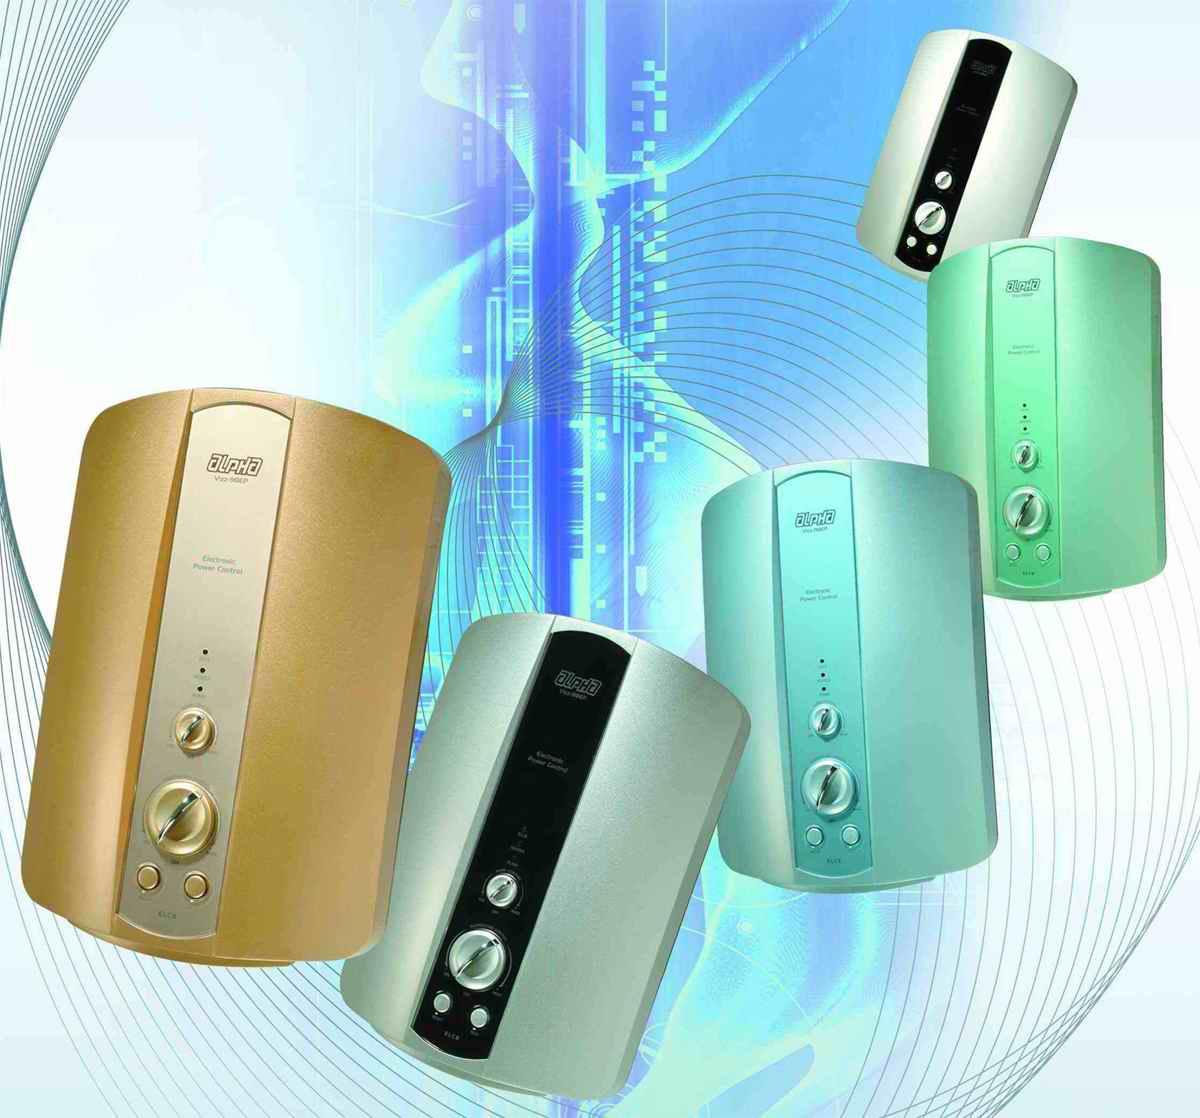 Vizz Series Water Heater (Vizz серию водонагревателей)